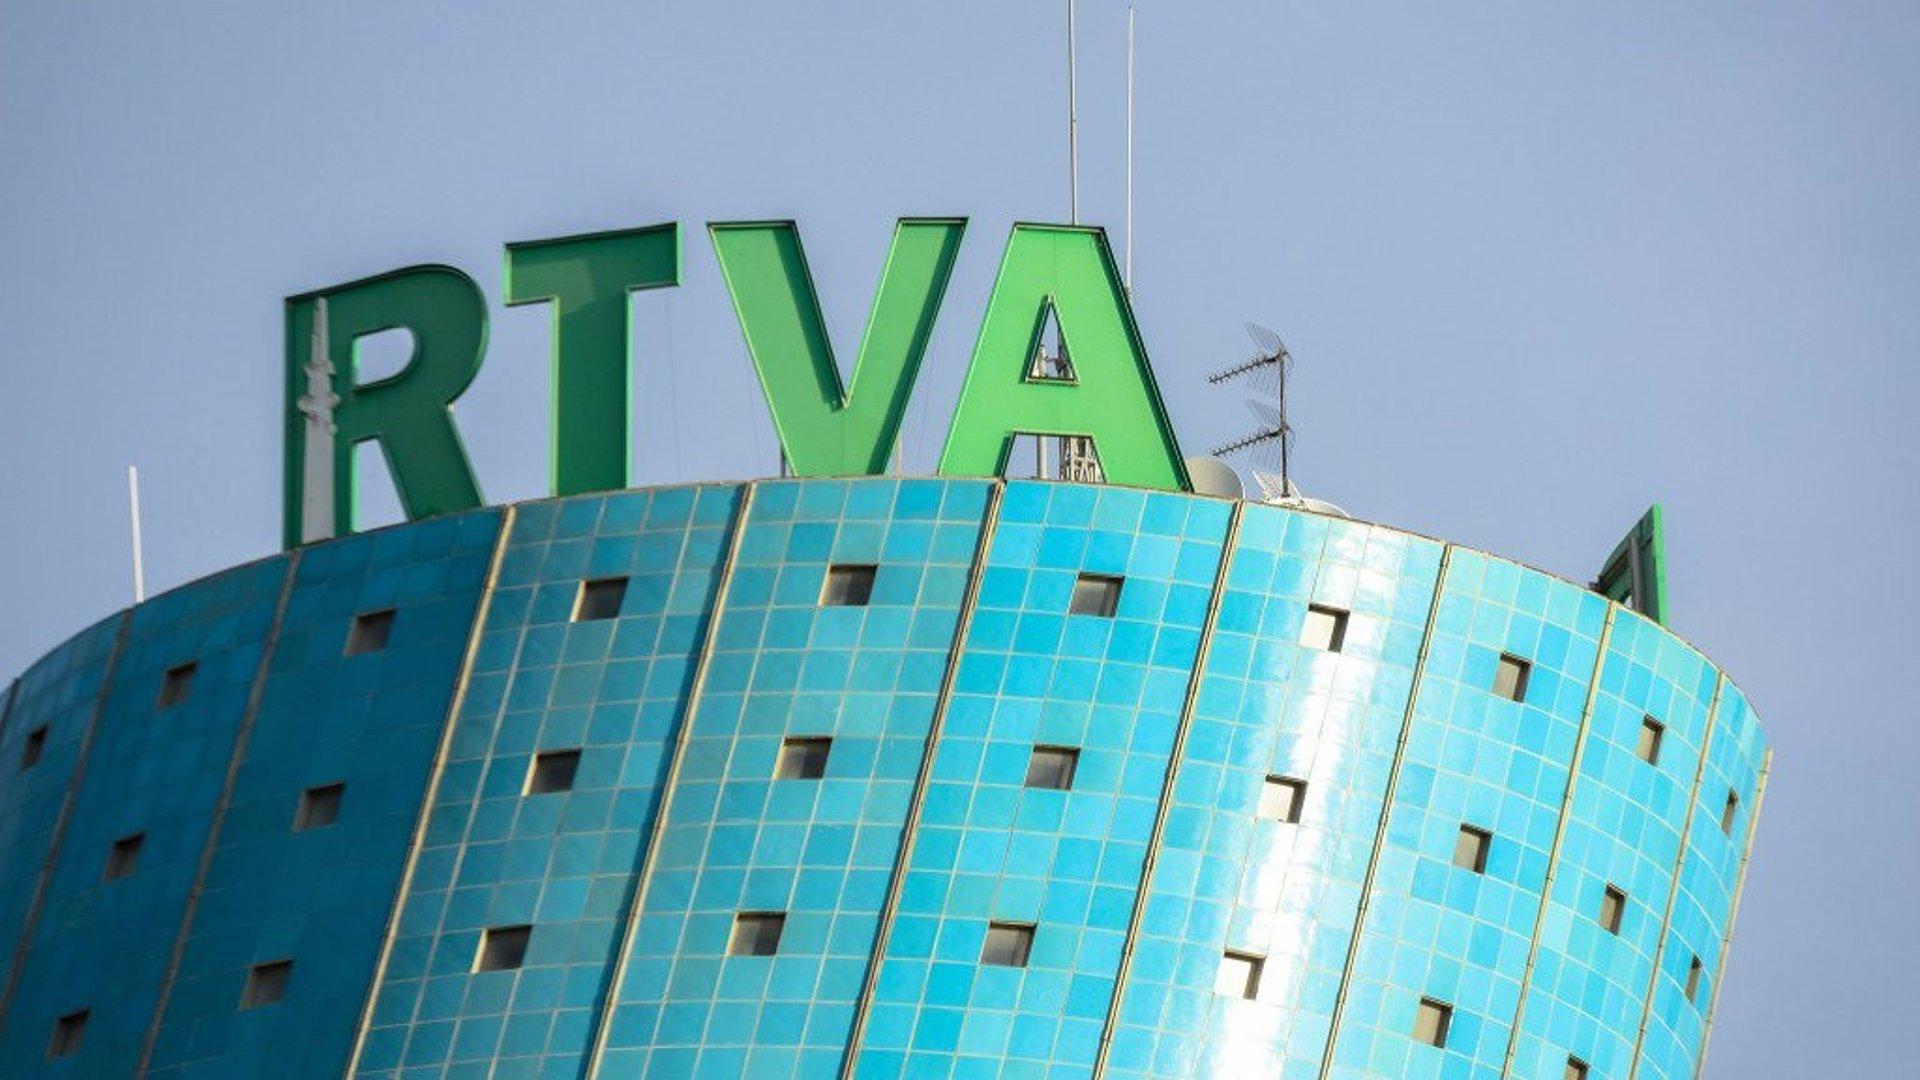 RTVA define su transformación digital a través de un nuevo Plan Estratégico